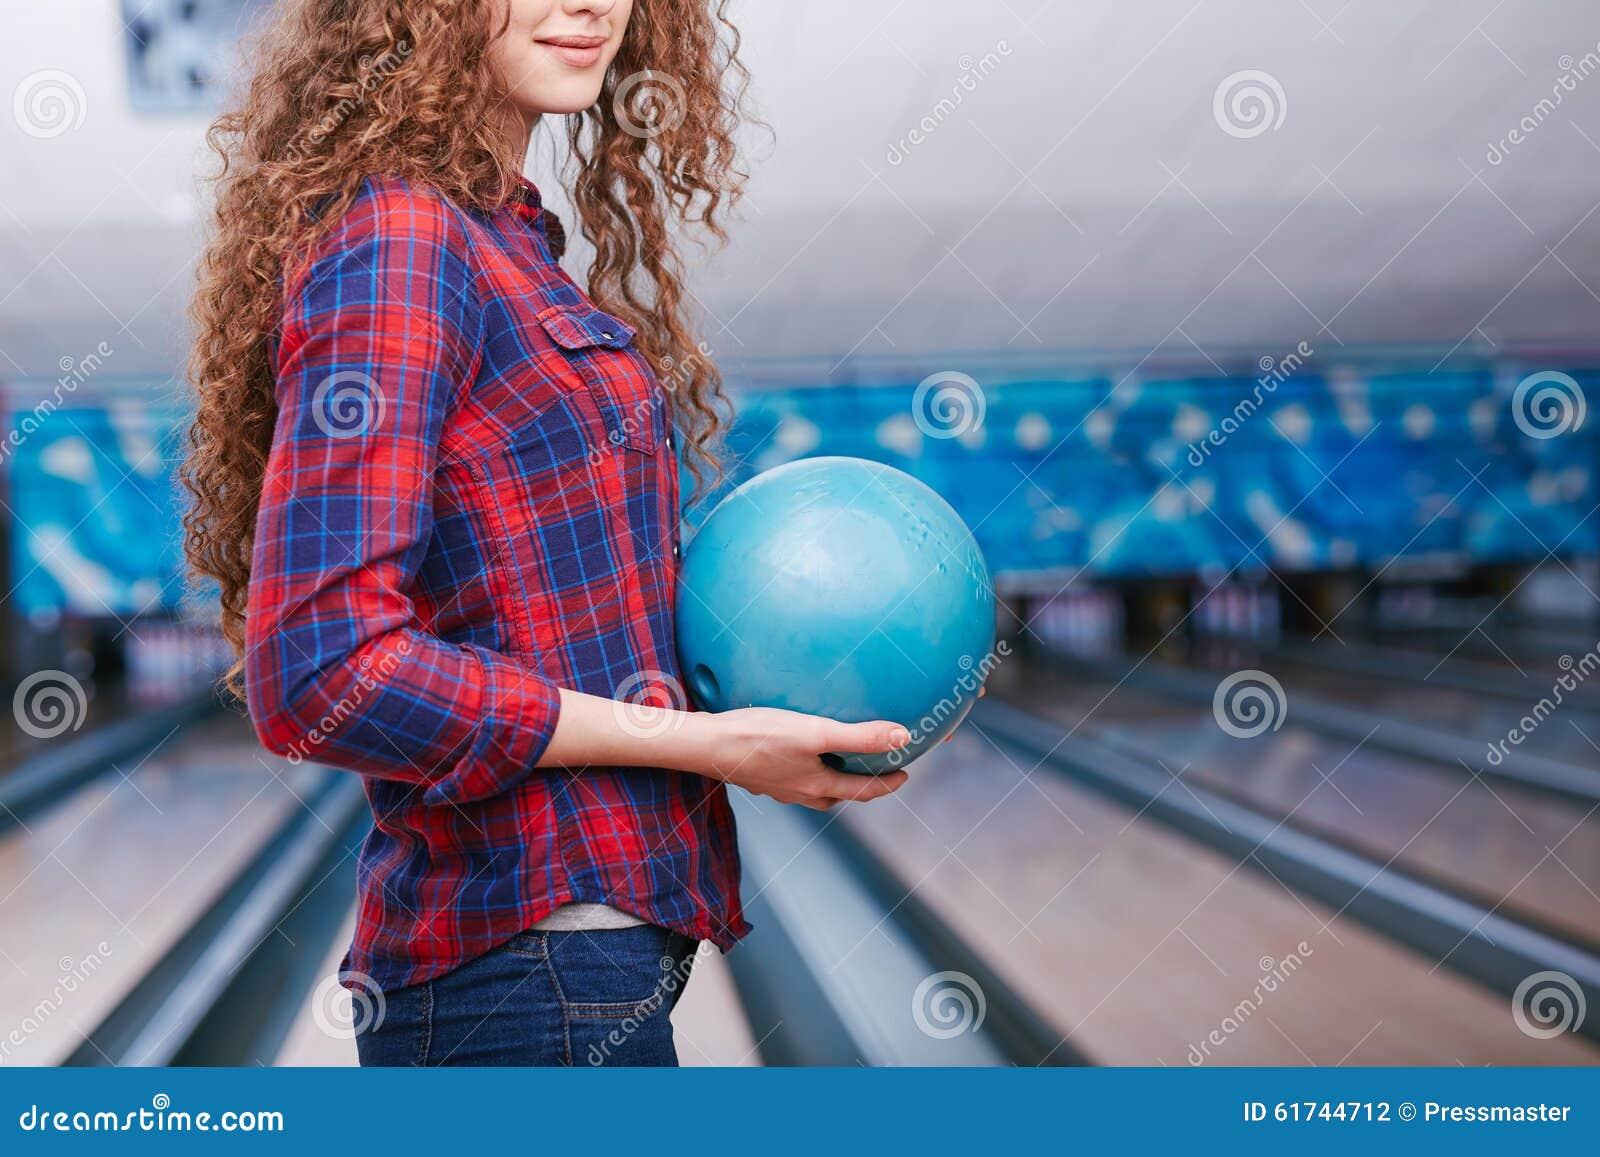 bowlingspielspieler mit ball stockfoto bild von sport liebhaberei 61744712. Black Bedroom Furniture Sets. Home Design Ideas